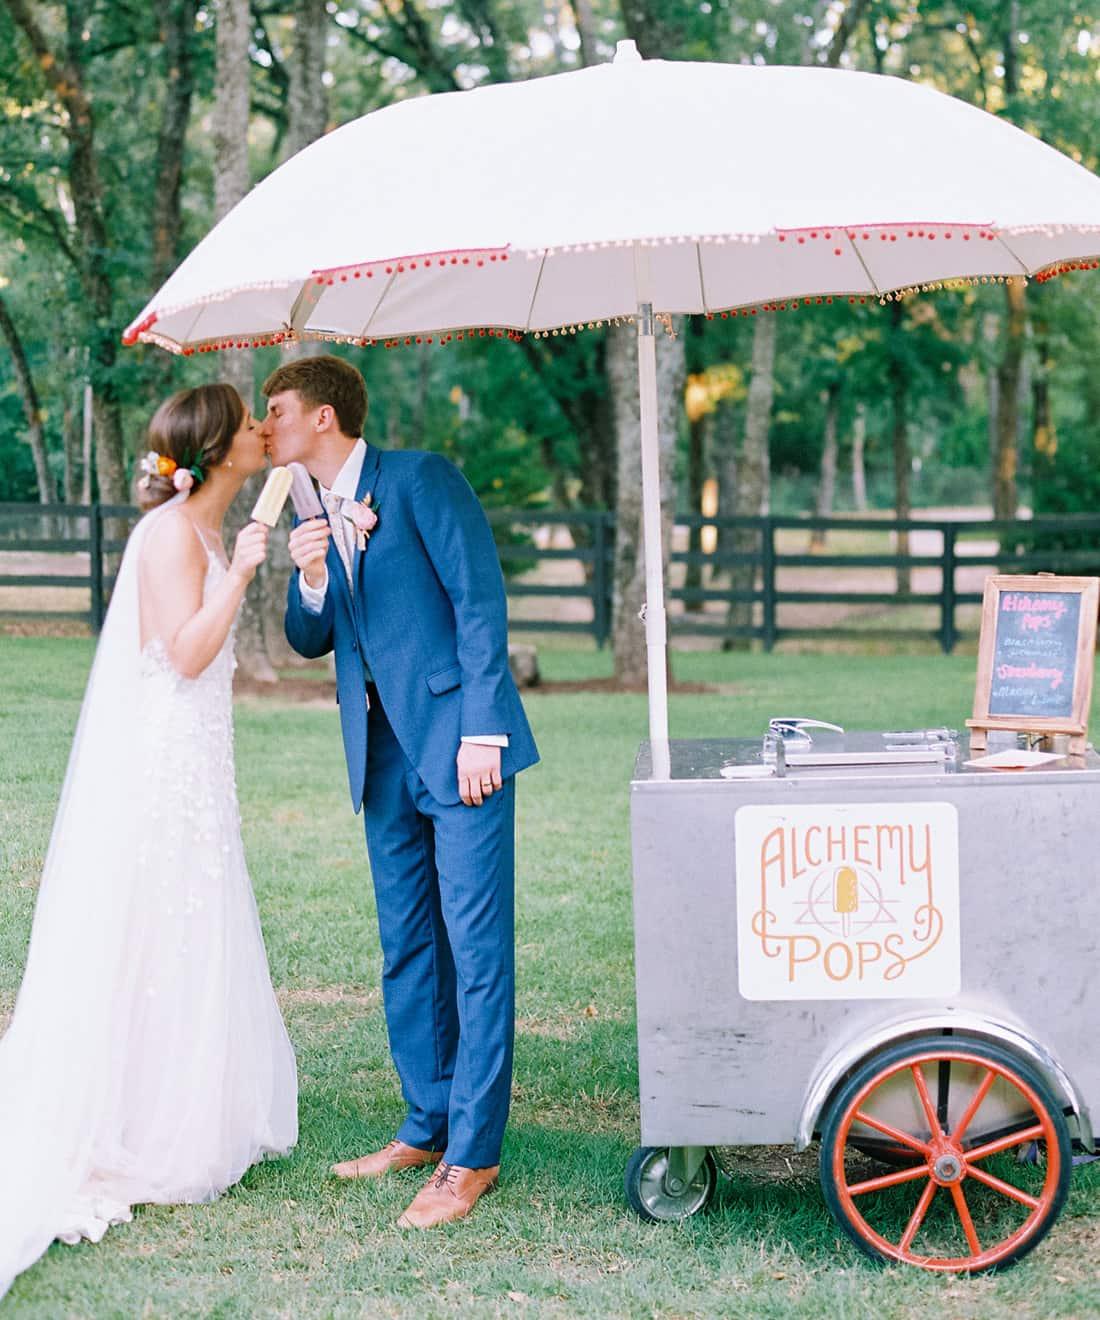 Minted Real Wedding: Evie & Joe